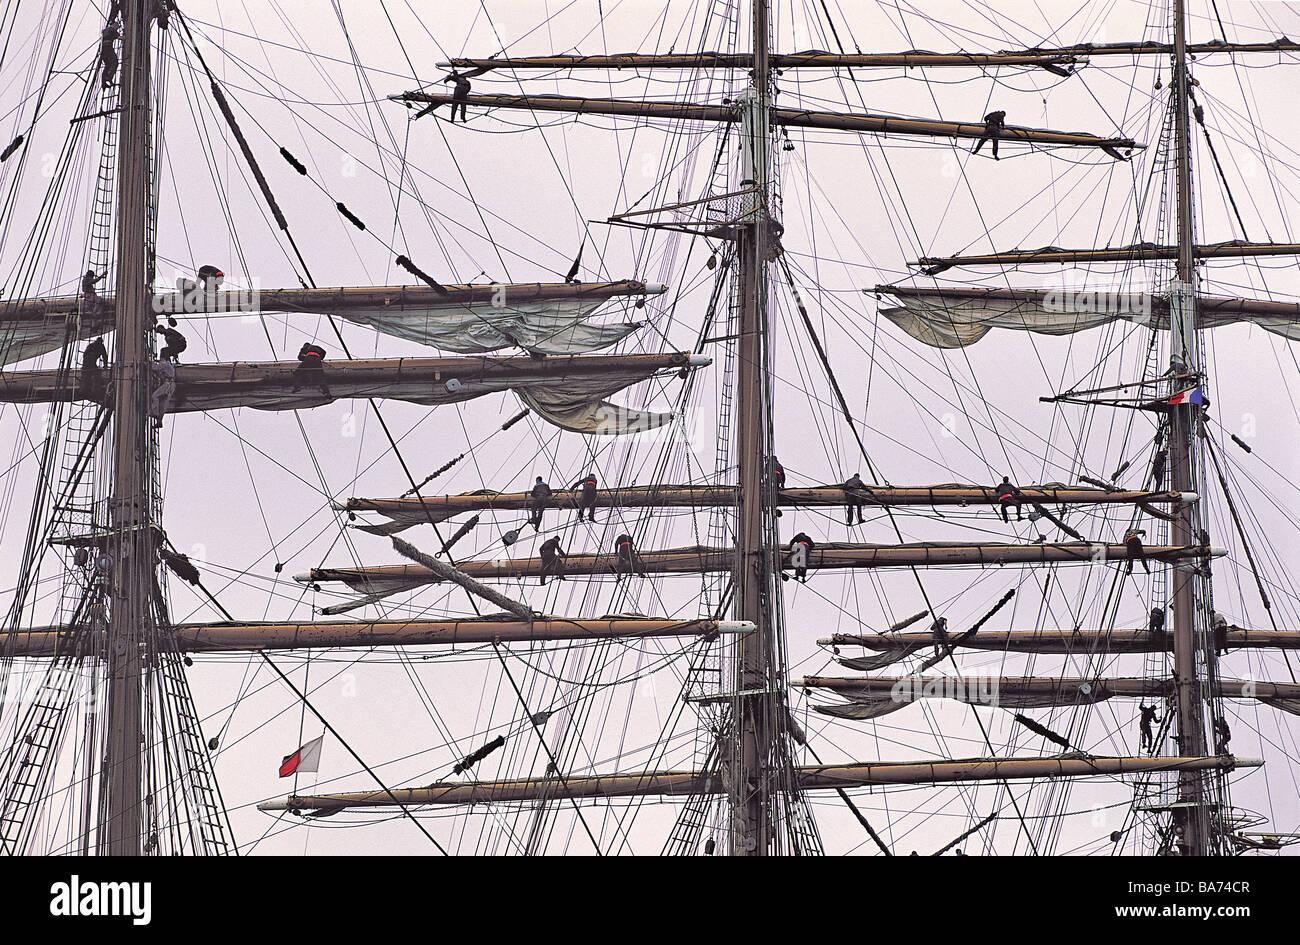 France, Finistere, Rade de Brest, manoeuvre of topmen on Sedov Ship, the biggest training ship of the world - Stock Image